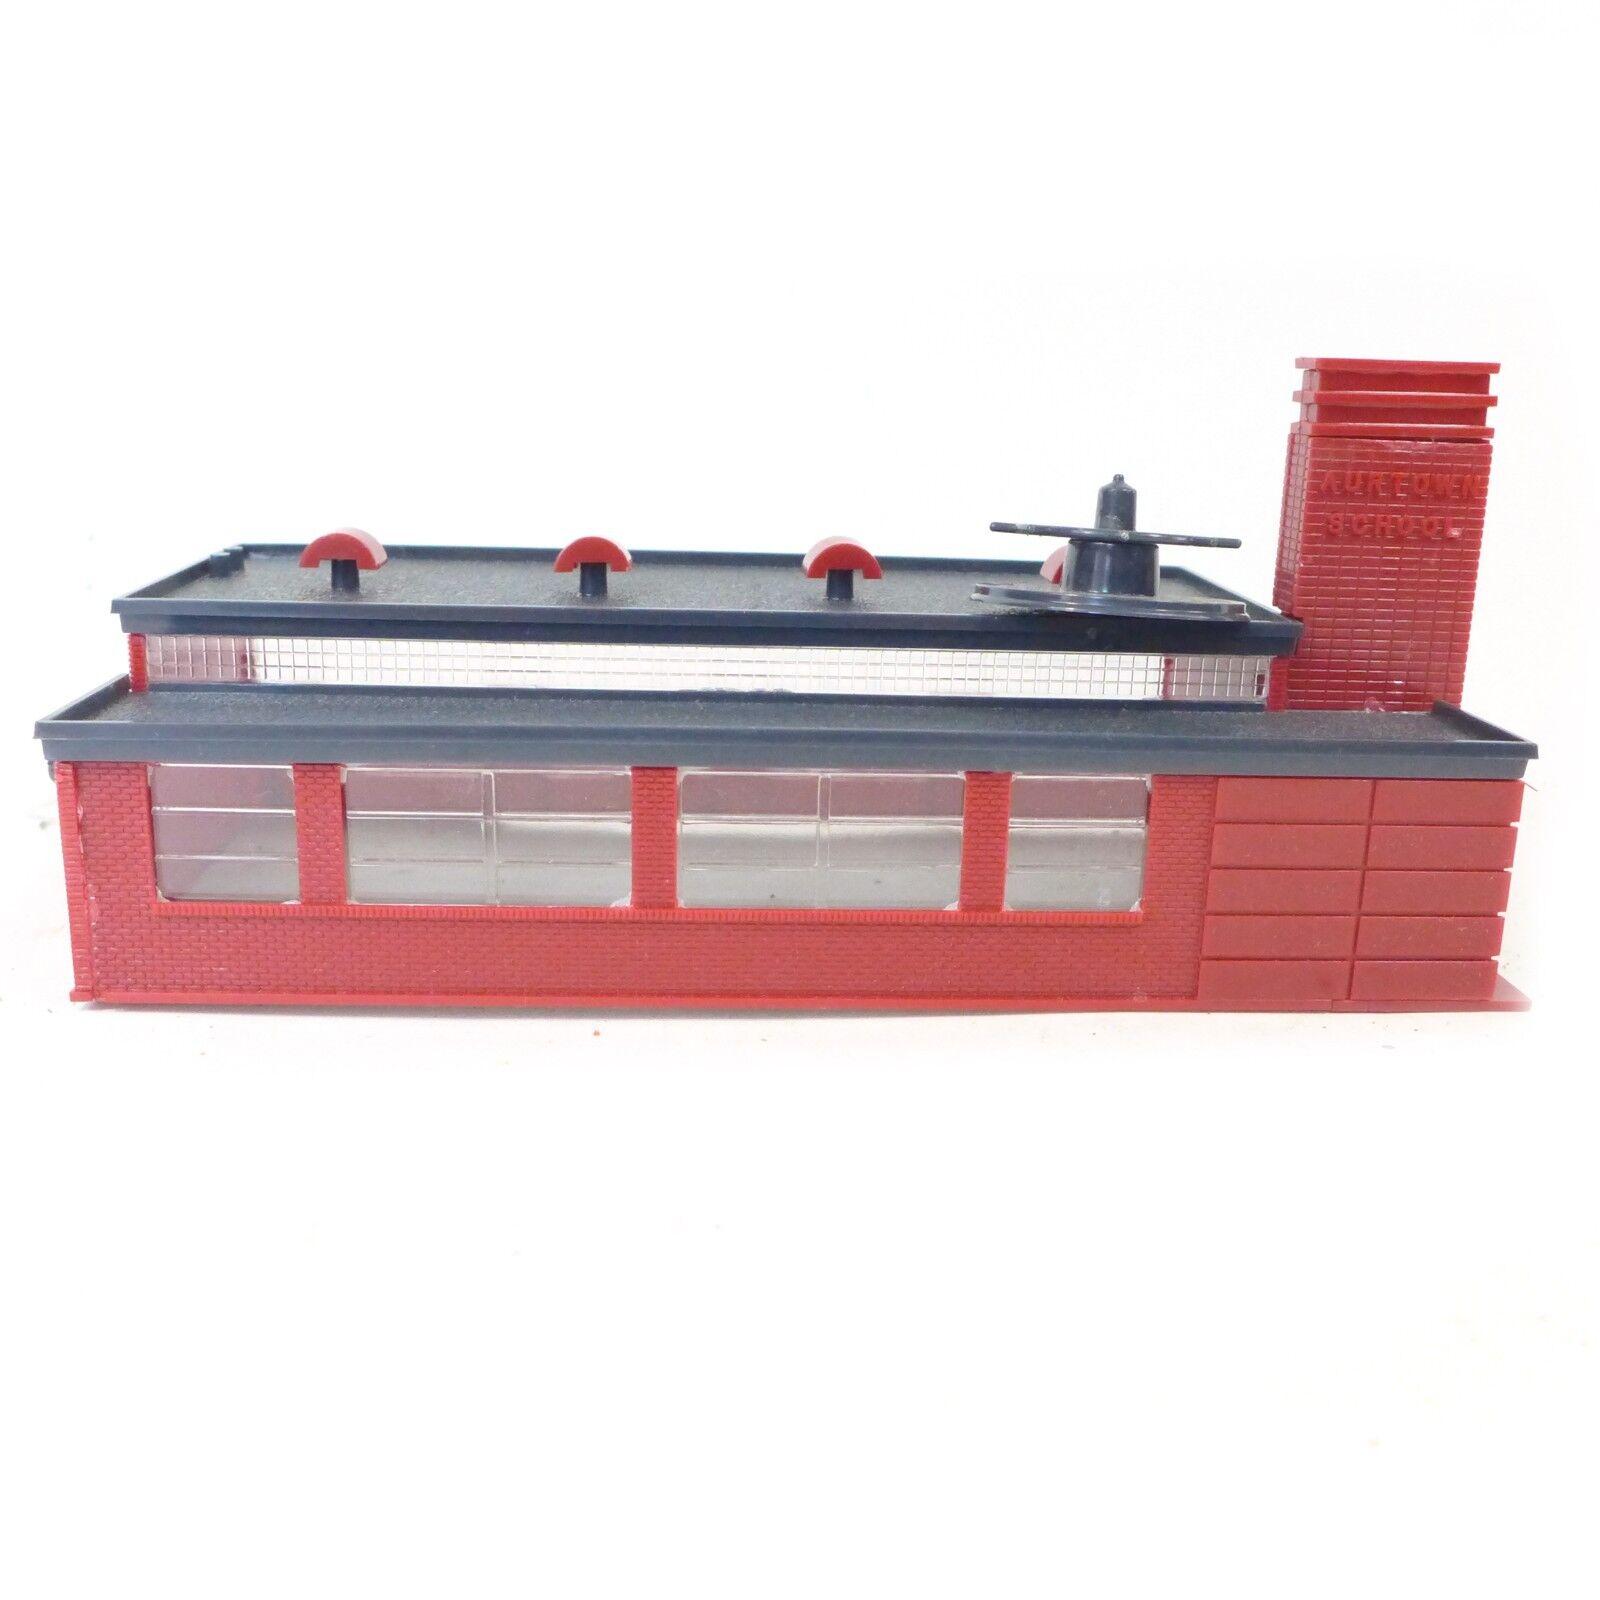 Vintage Ho Scala Rosso Warehouse Giocattolo Costruzione Modello 20.3cm